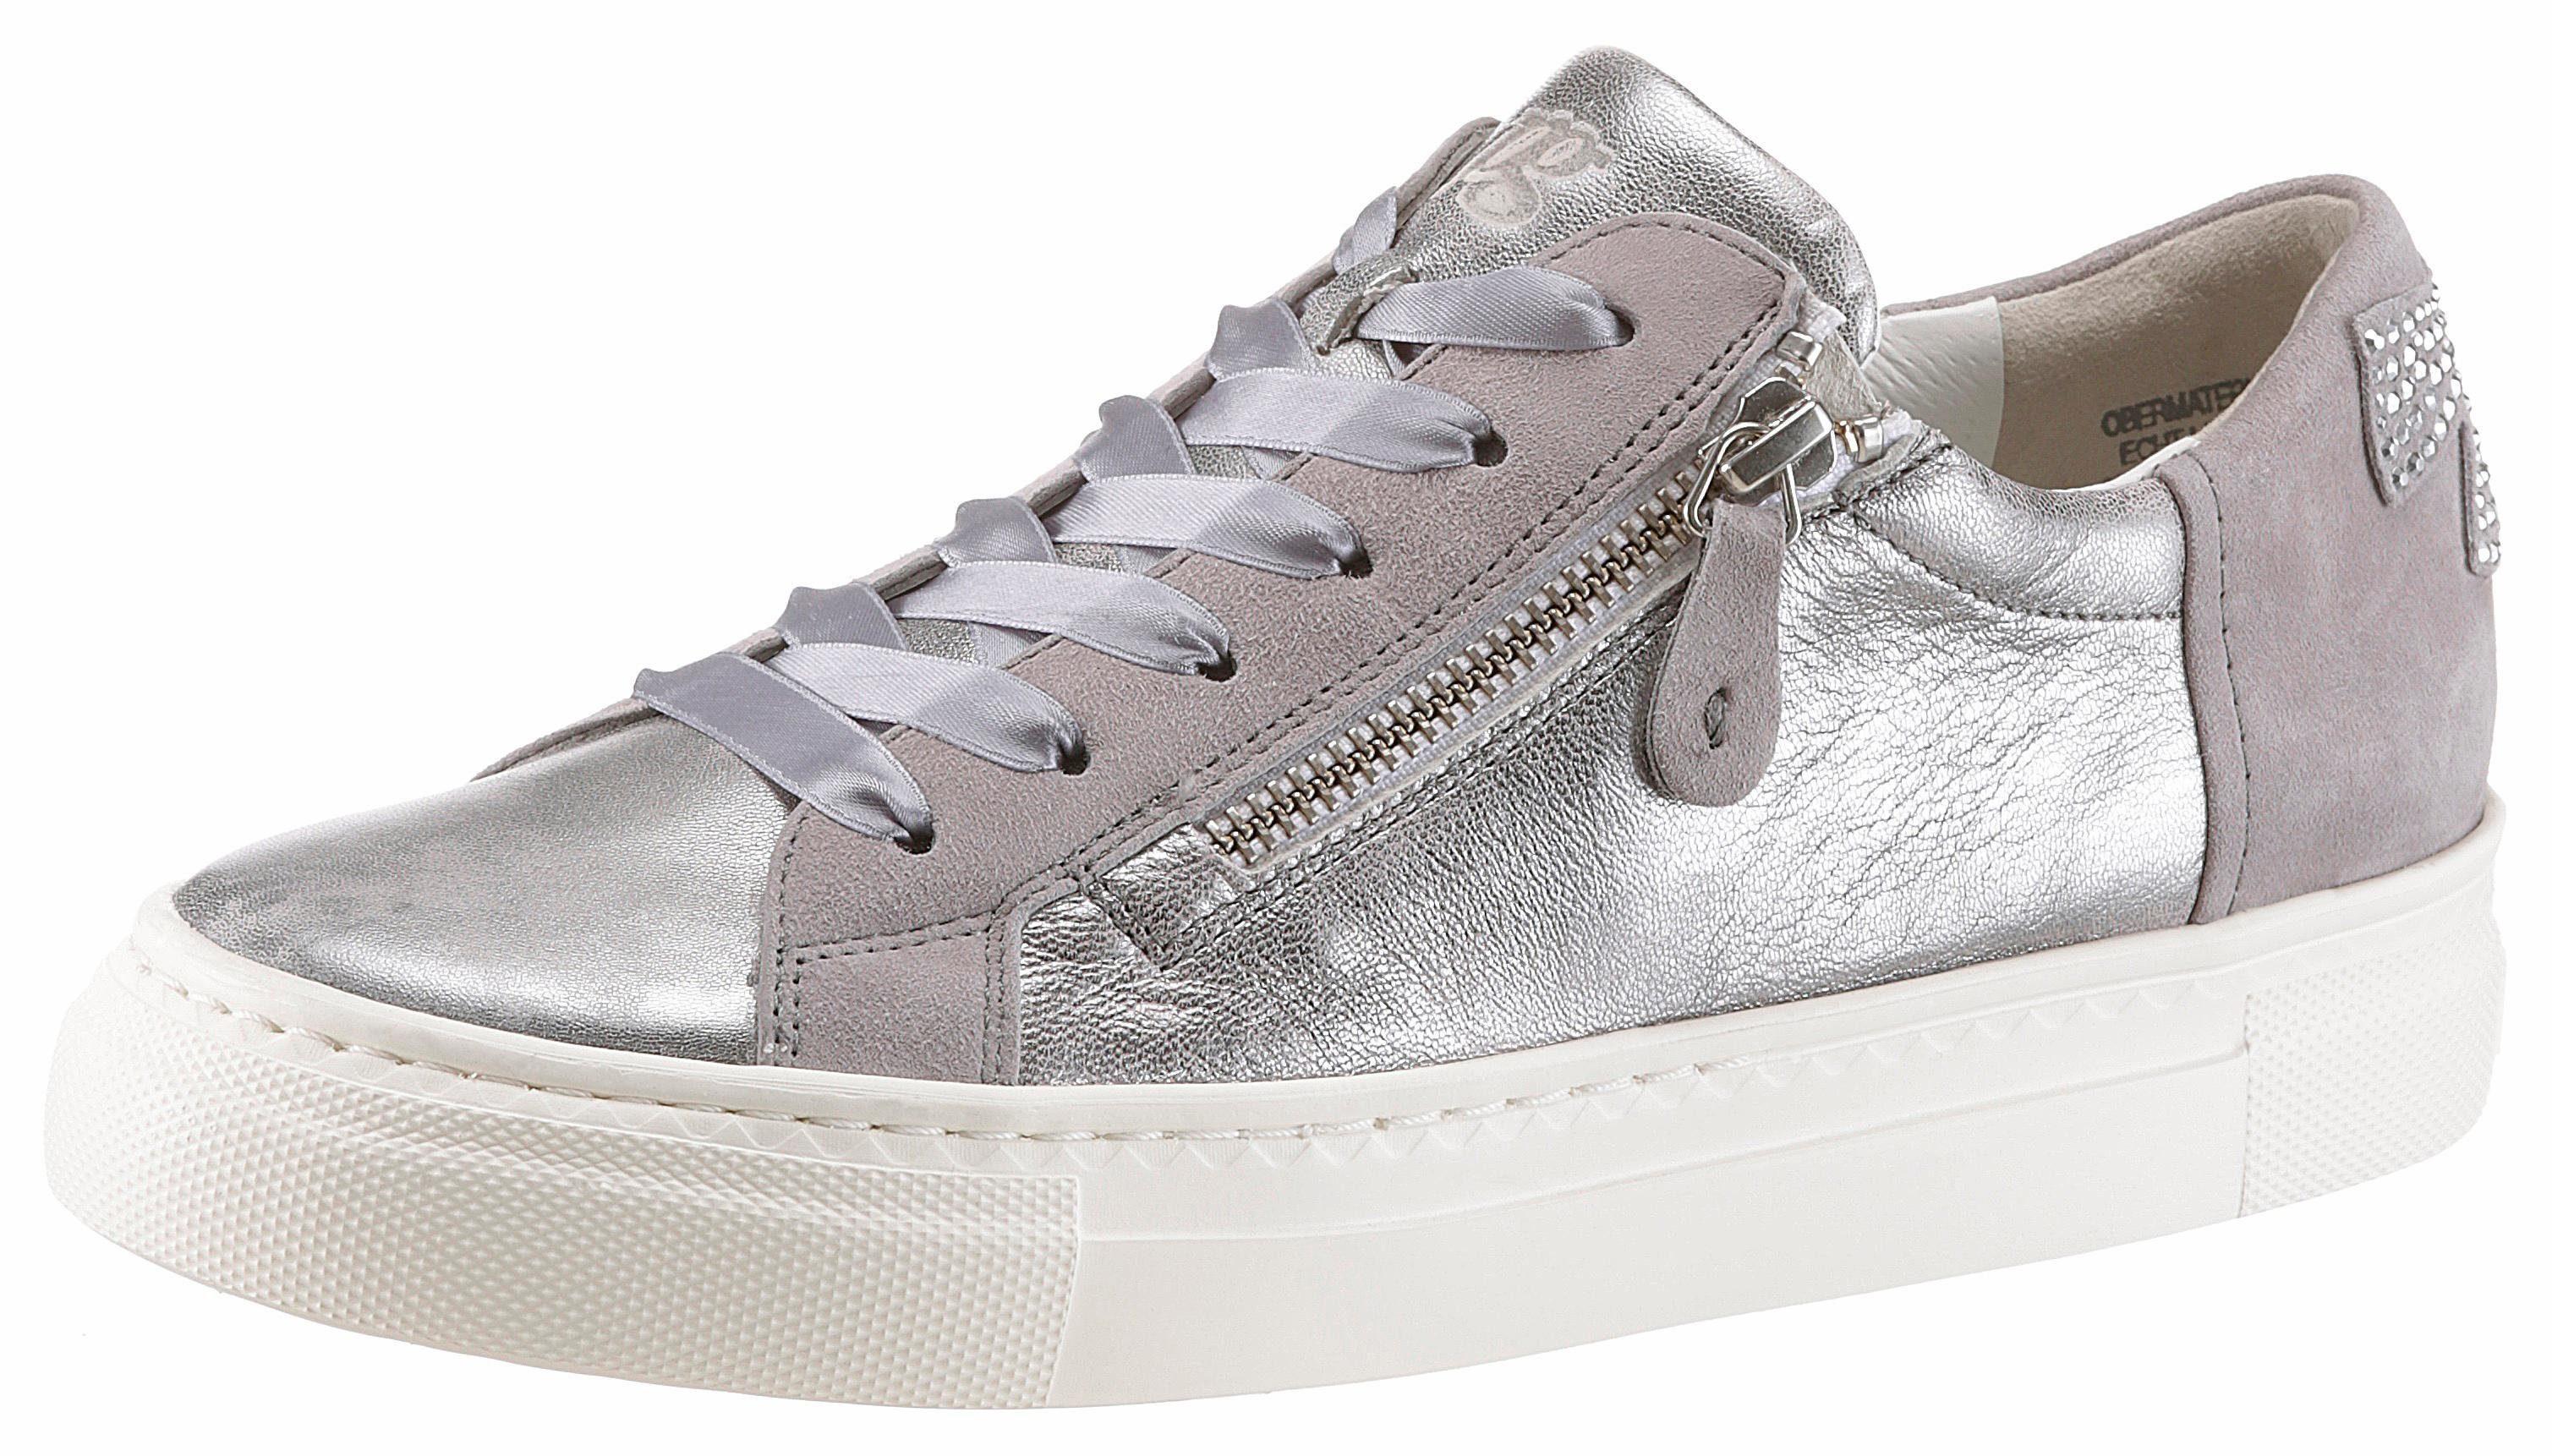 Paul Green Sneaker, mit schöner Verzierung, silberfarben, silberfarben-hellgrau